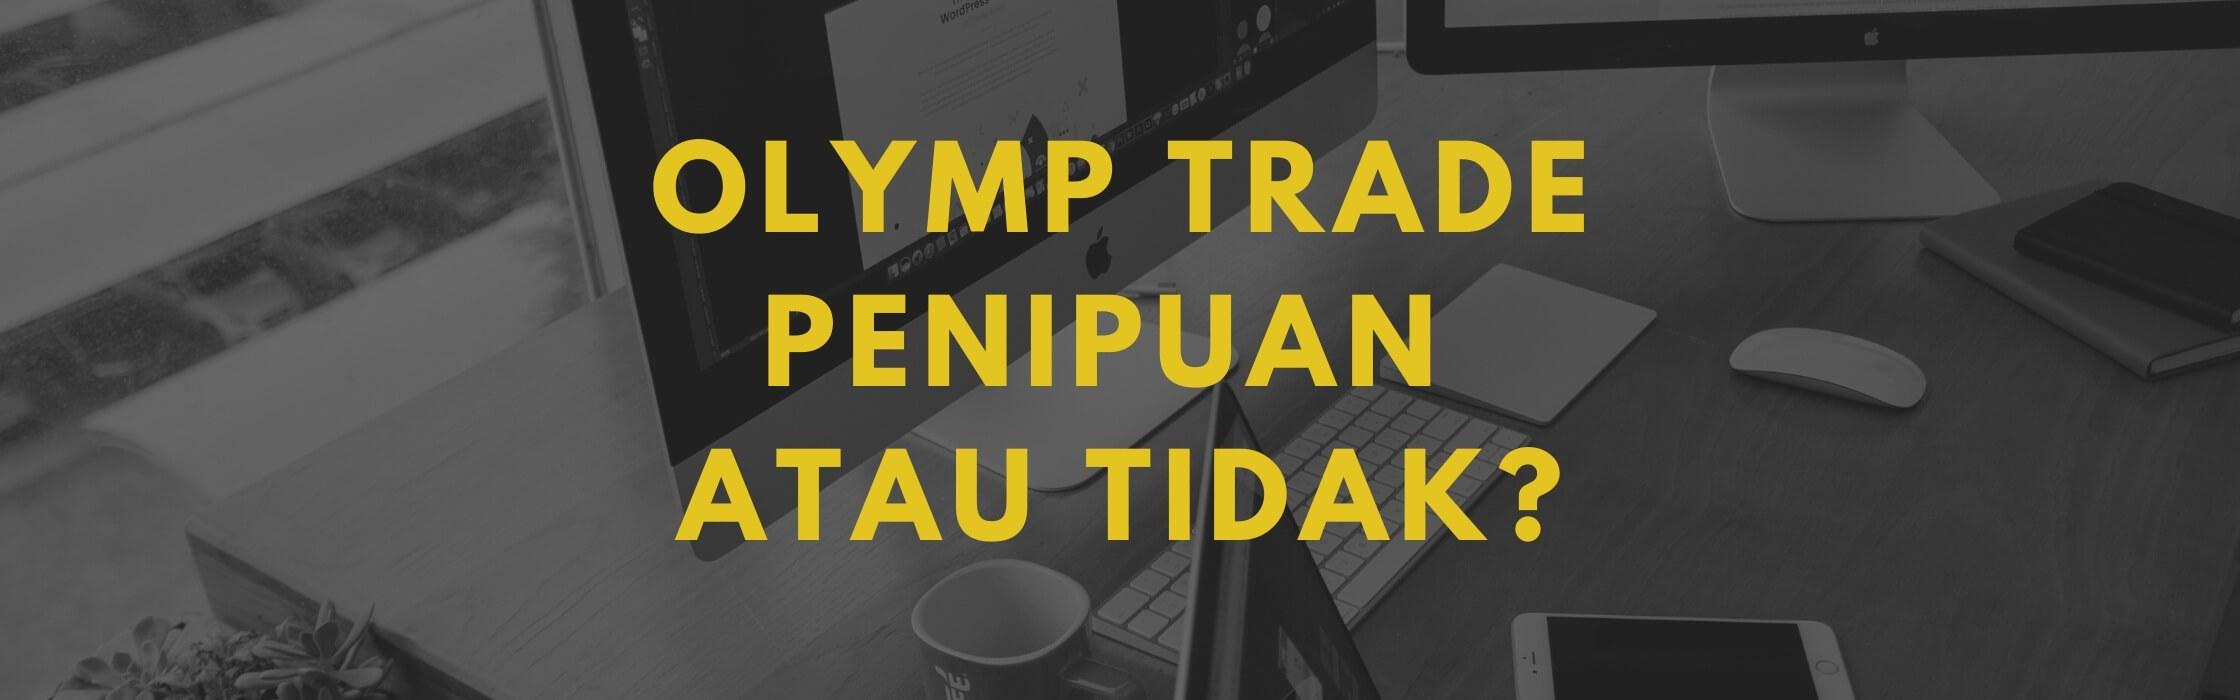 olymp trade penipuan